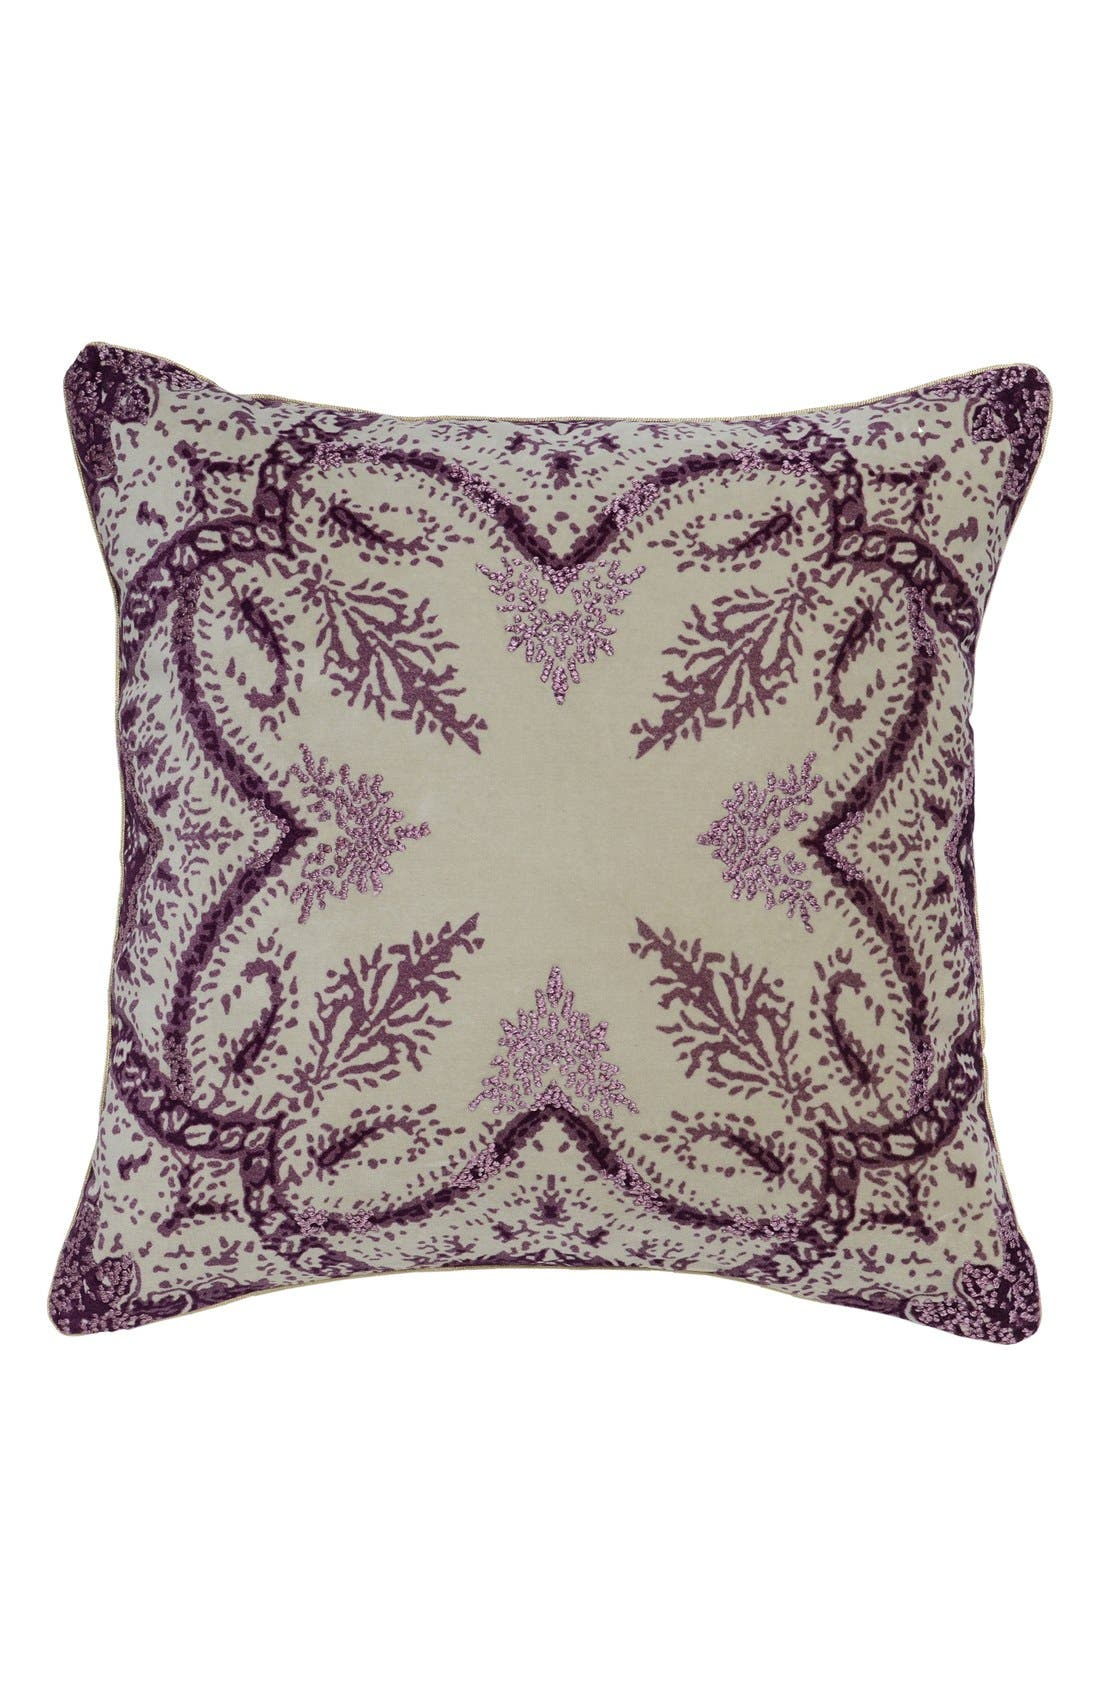 'Precious' Decorative Pillow,                         Main,                         color, Plum